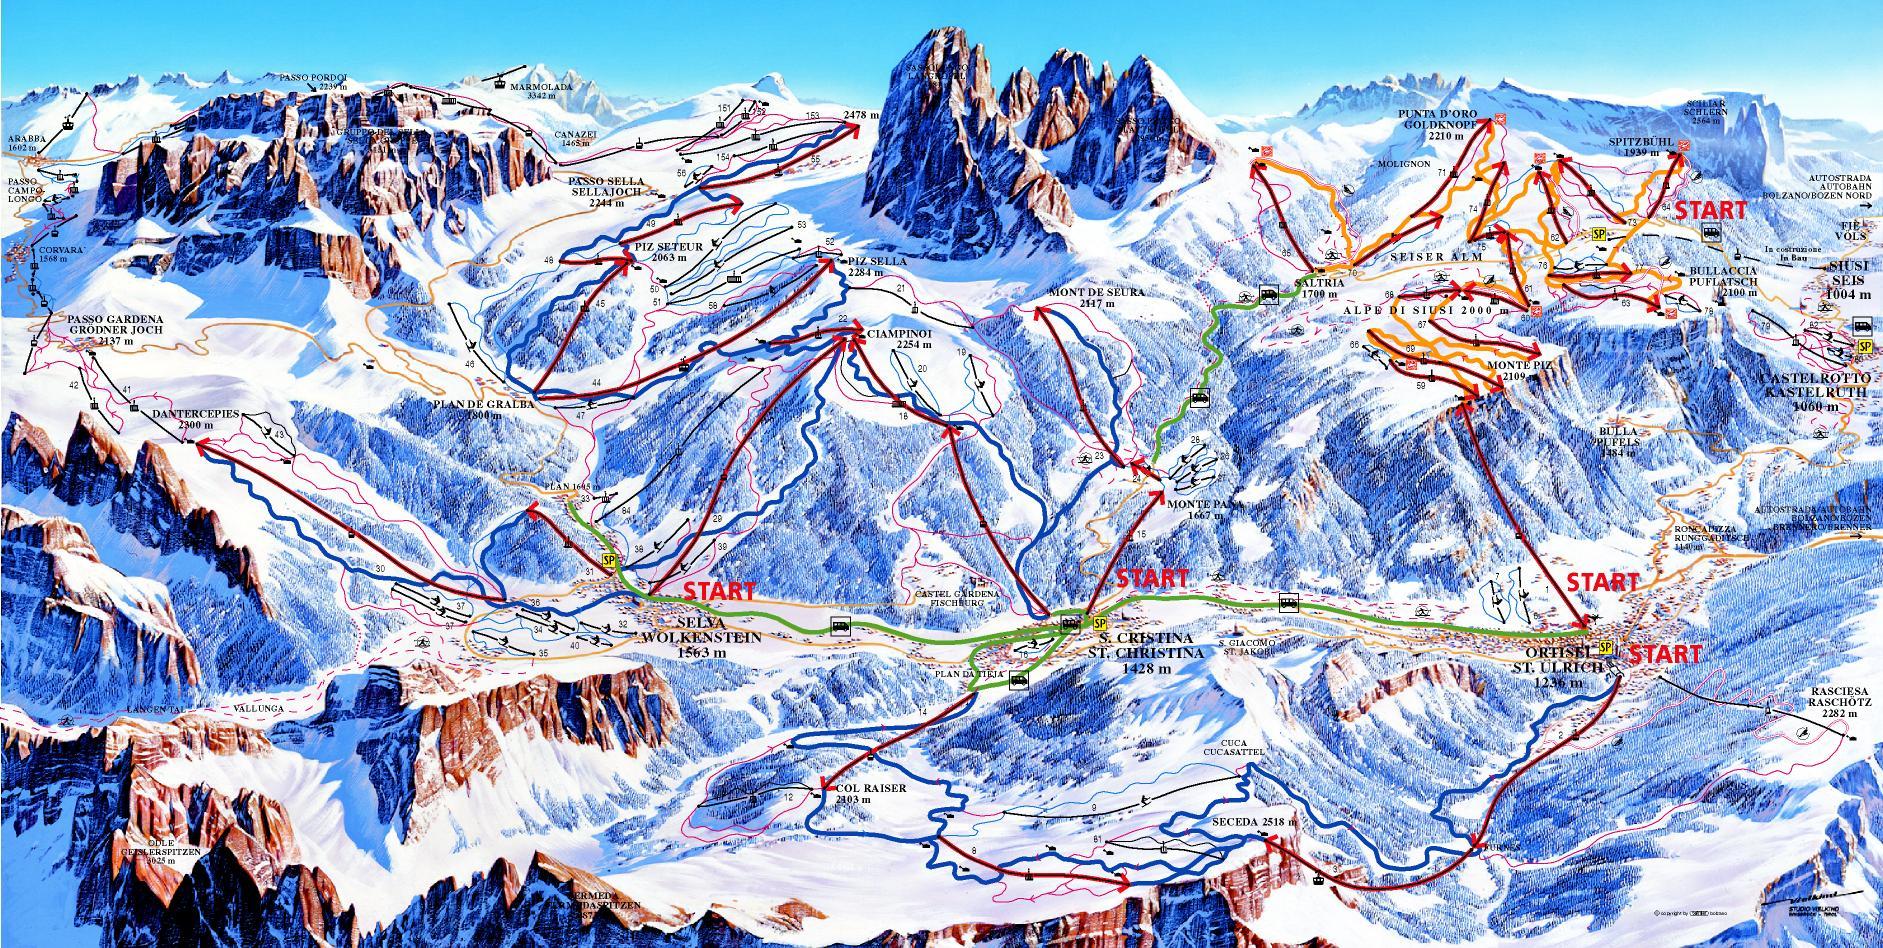 Карта трасс Альп ди Суизи